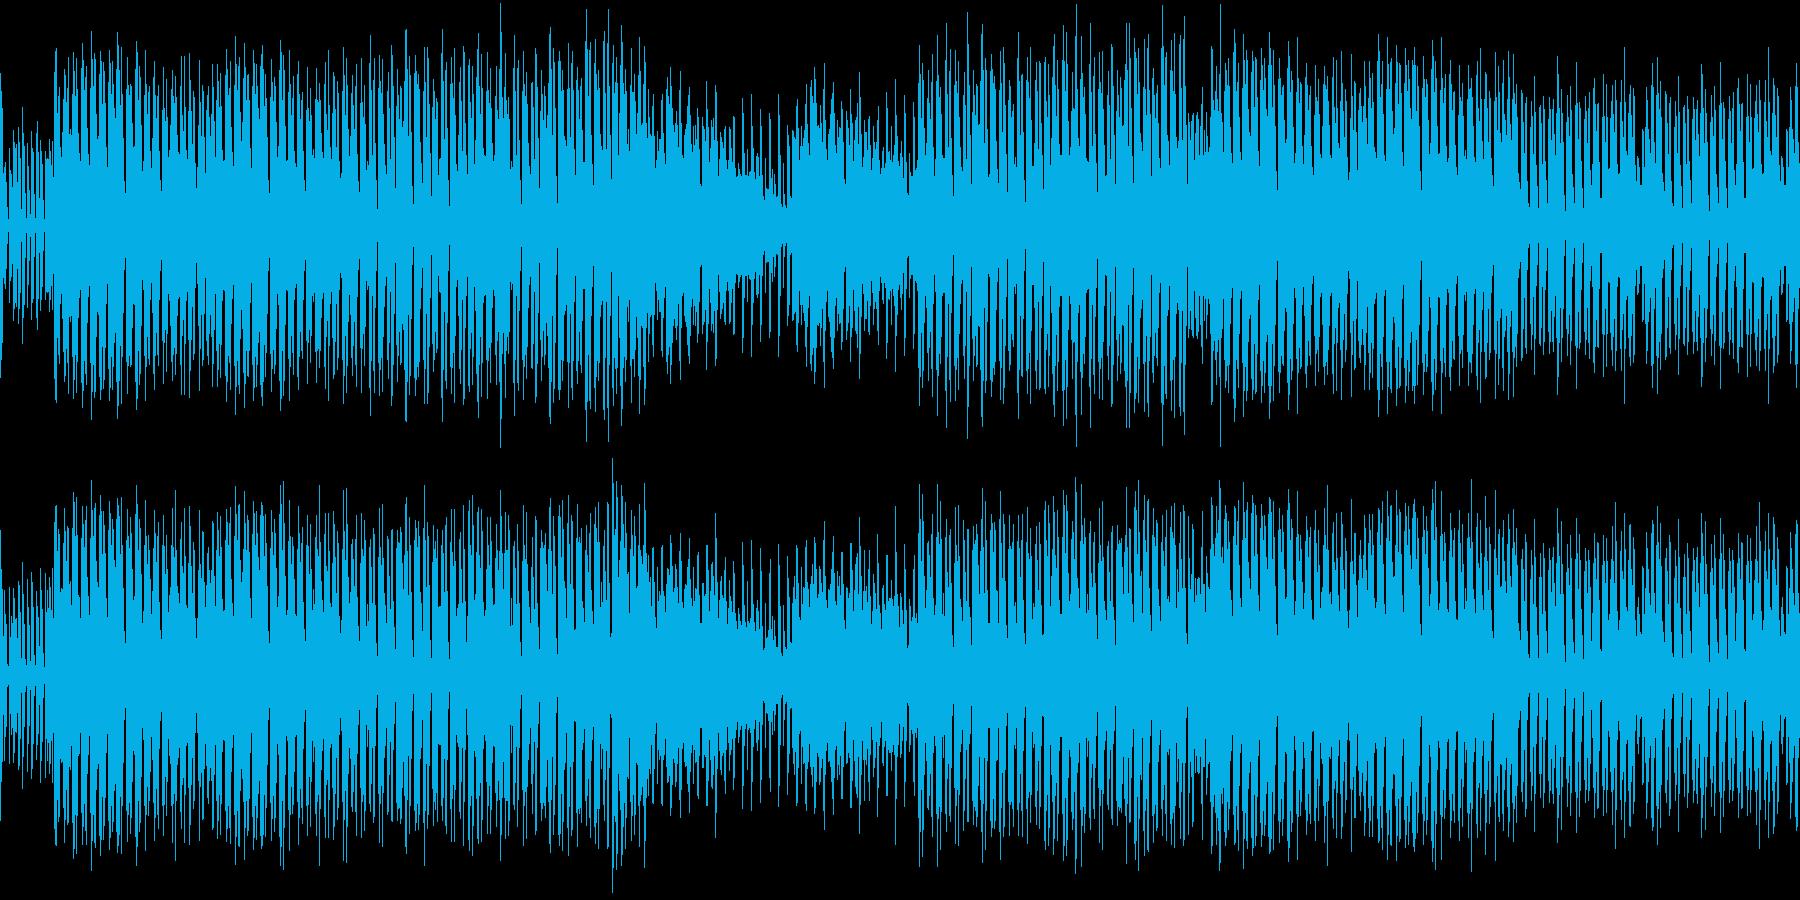 ループ)怪しいハロウィンおばけパーティの再生済みの波形